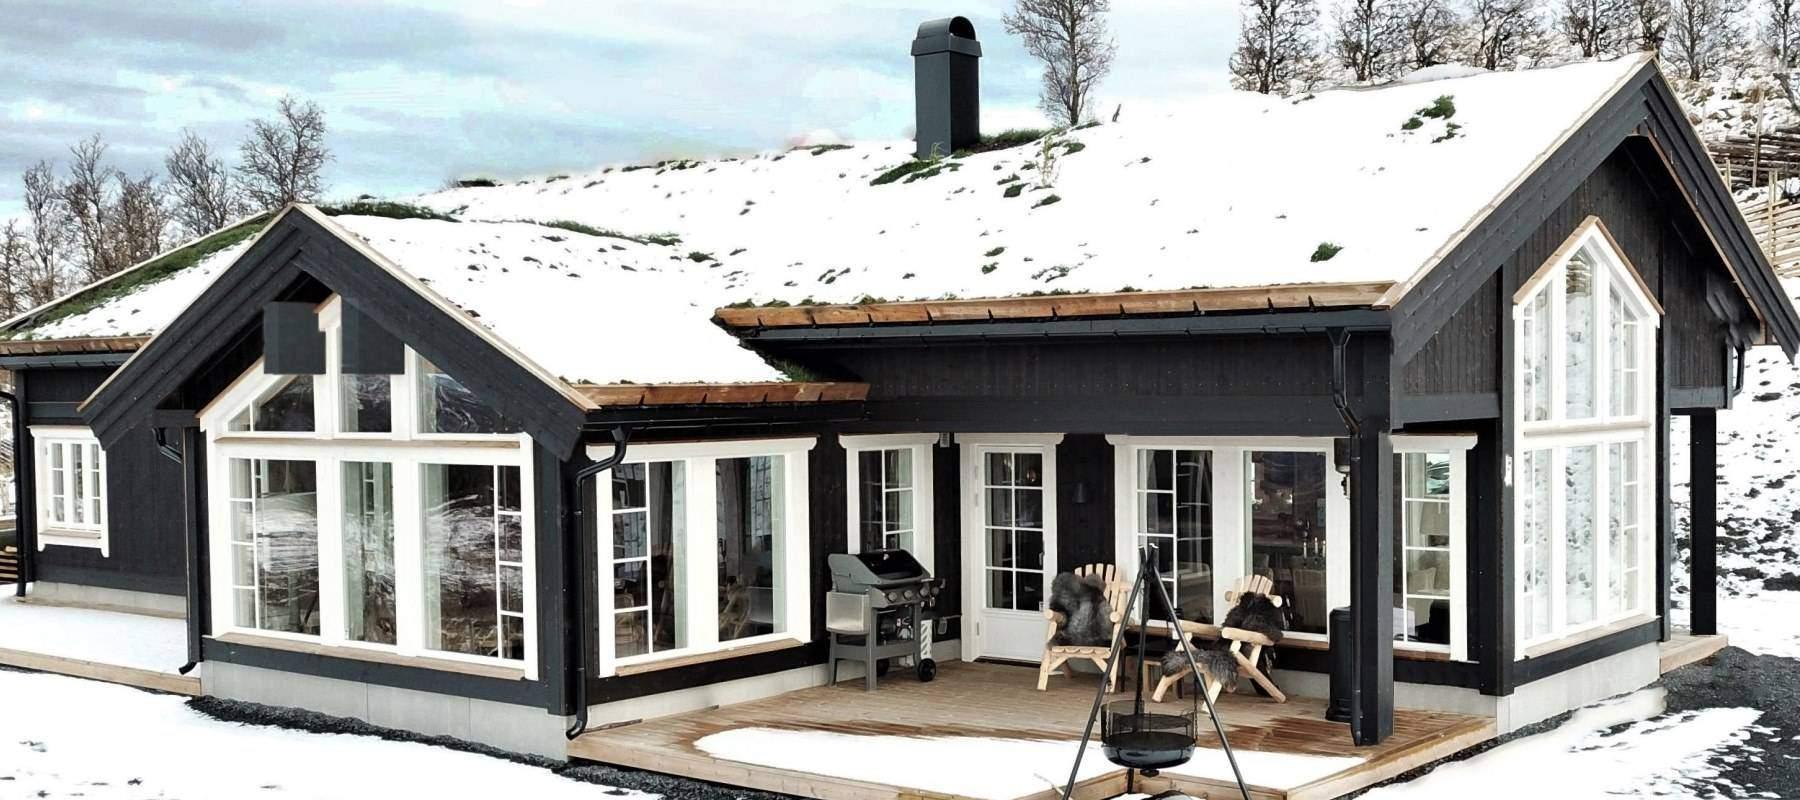 192 Hytteinspirasjon Hytte Strynsfjell 122 på Høyset Panorama Vaset.